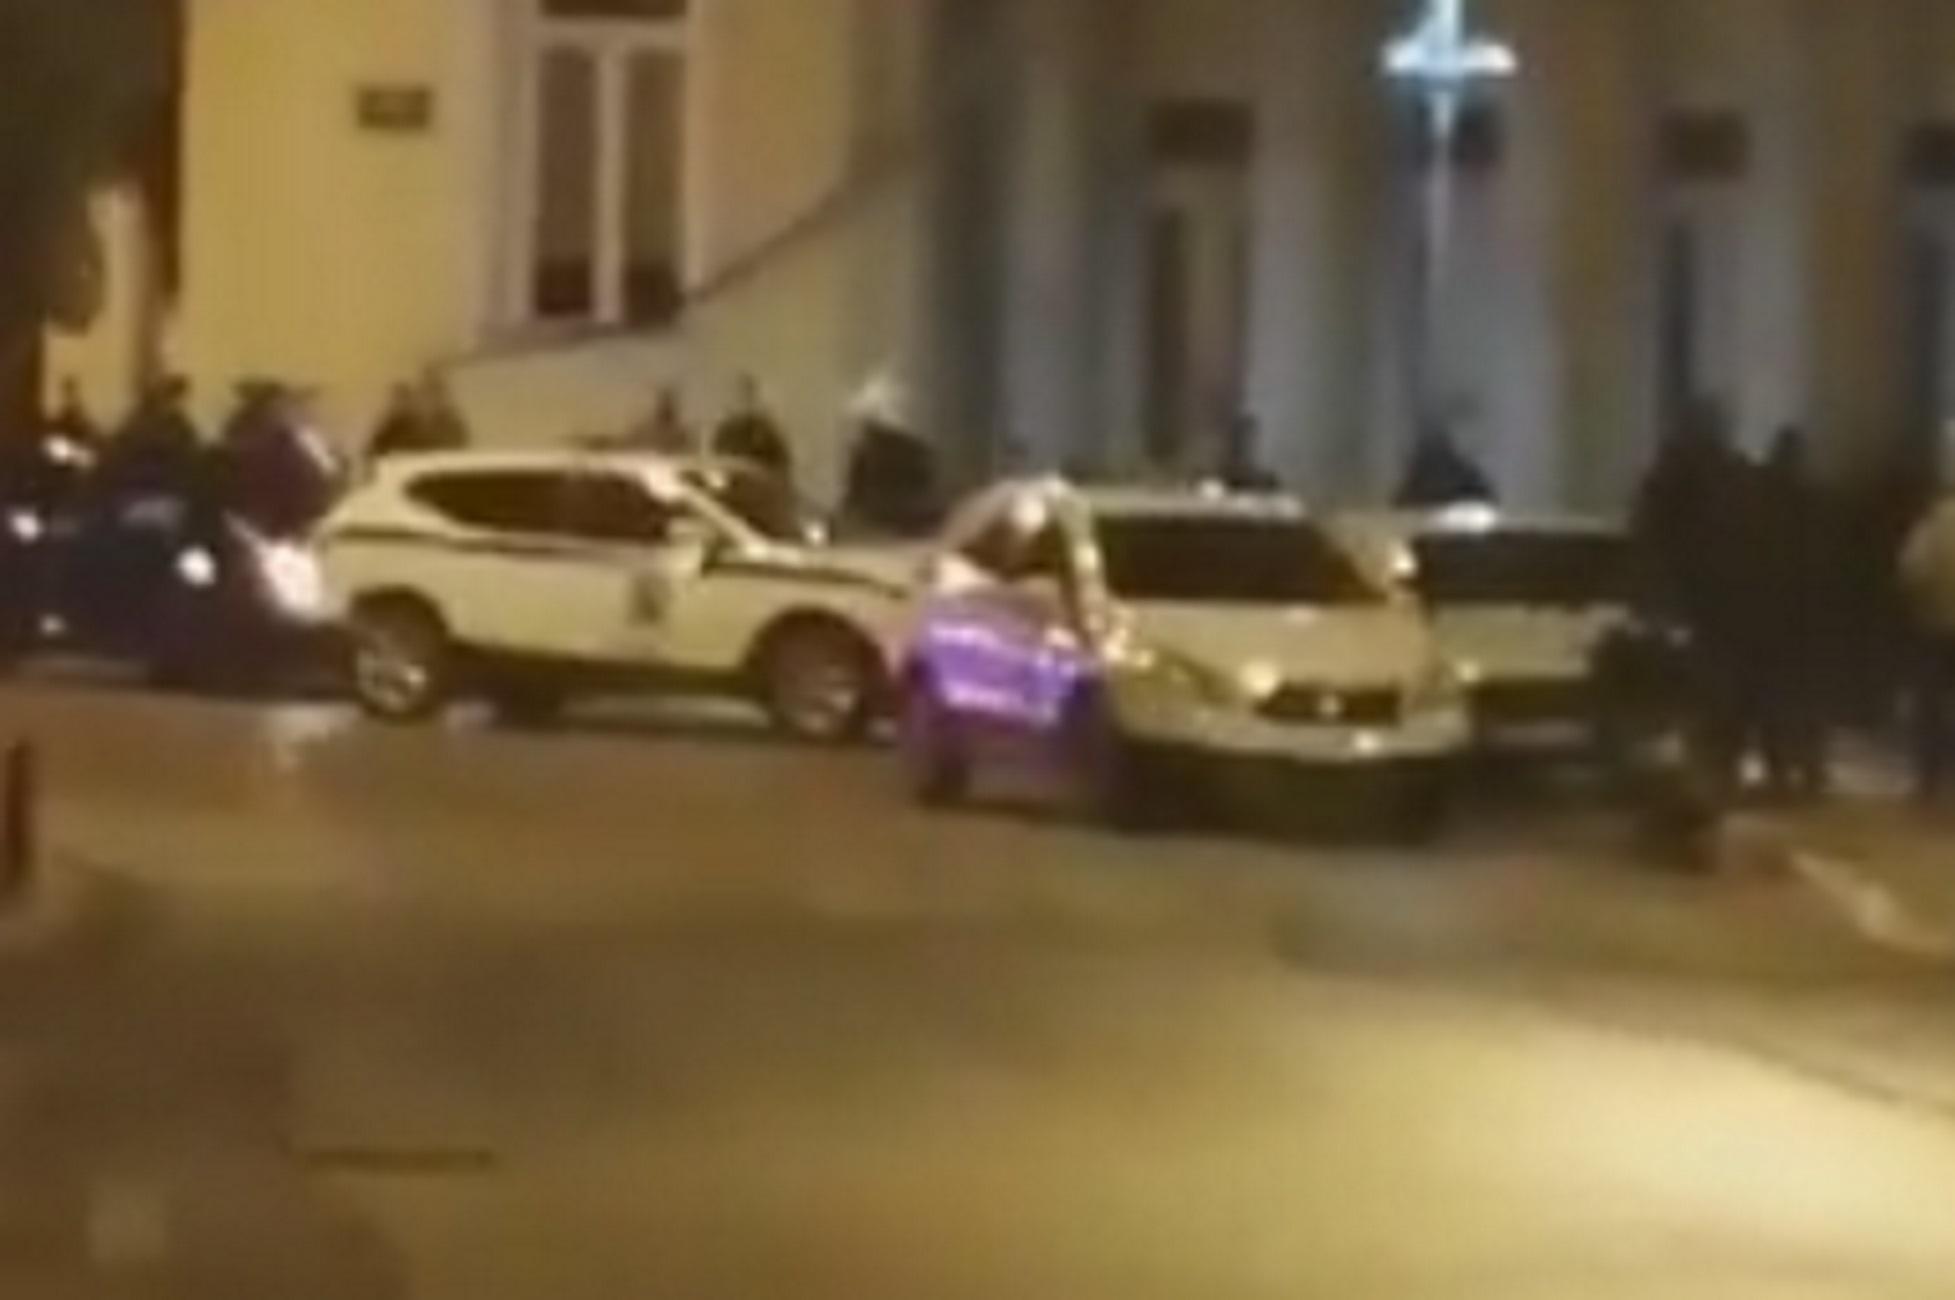 Κοζάνη: Έκλεισαν τα μπαρ και πλακώθηκαν στο ξύλο! Χαμός σε κεντρικό πεζόδρομο της πόλης (Βίντεο)